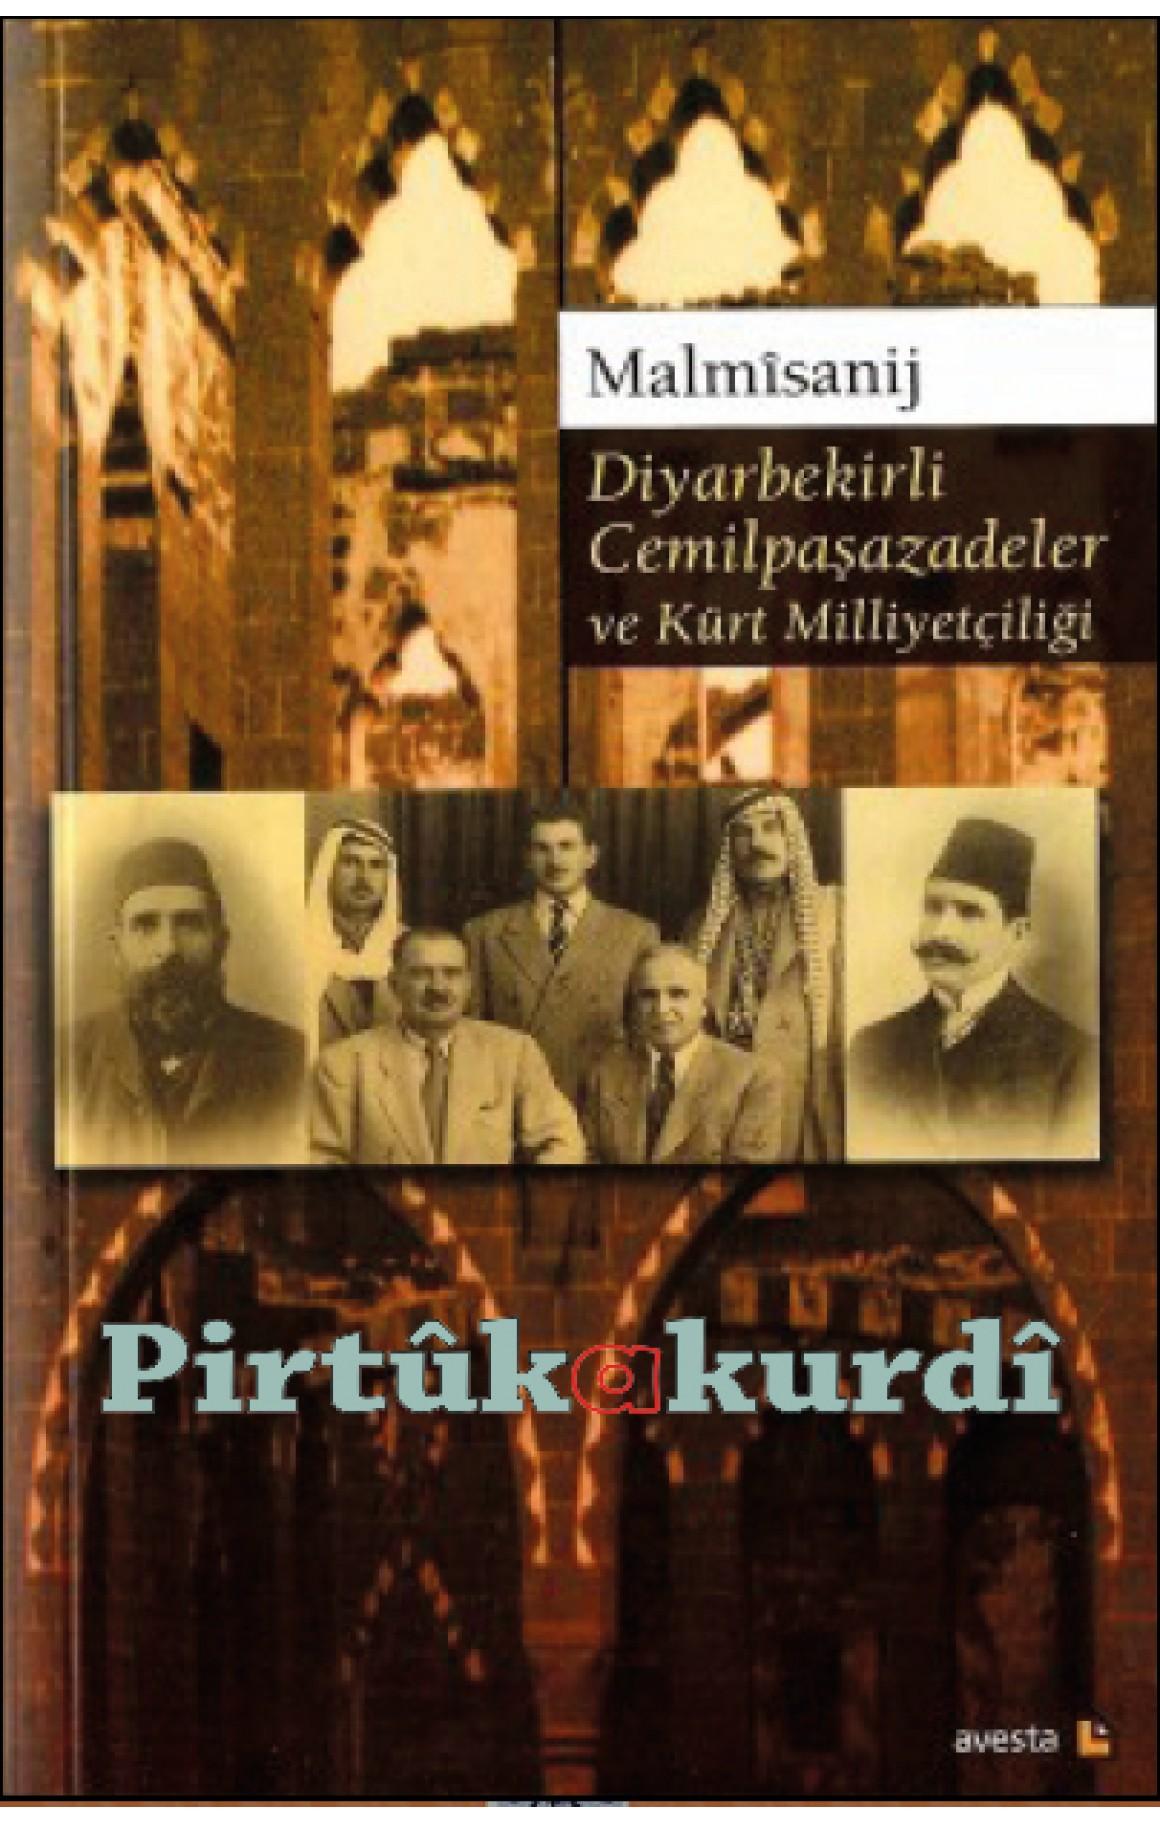 Diyarbekirli Cemilpaşazadeler ve Kürt Milliyetçiliği